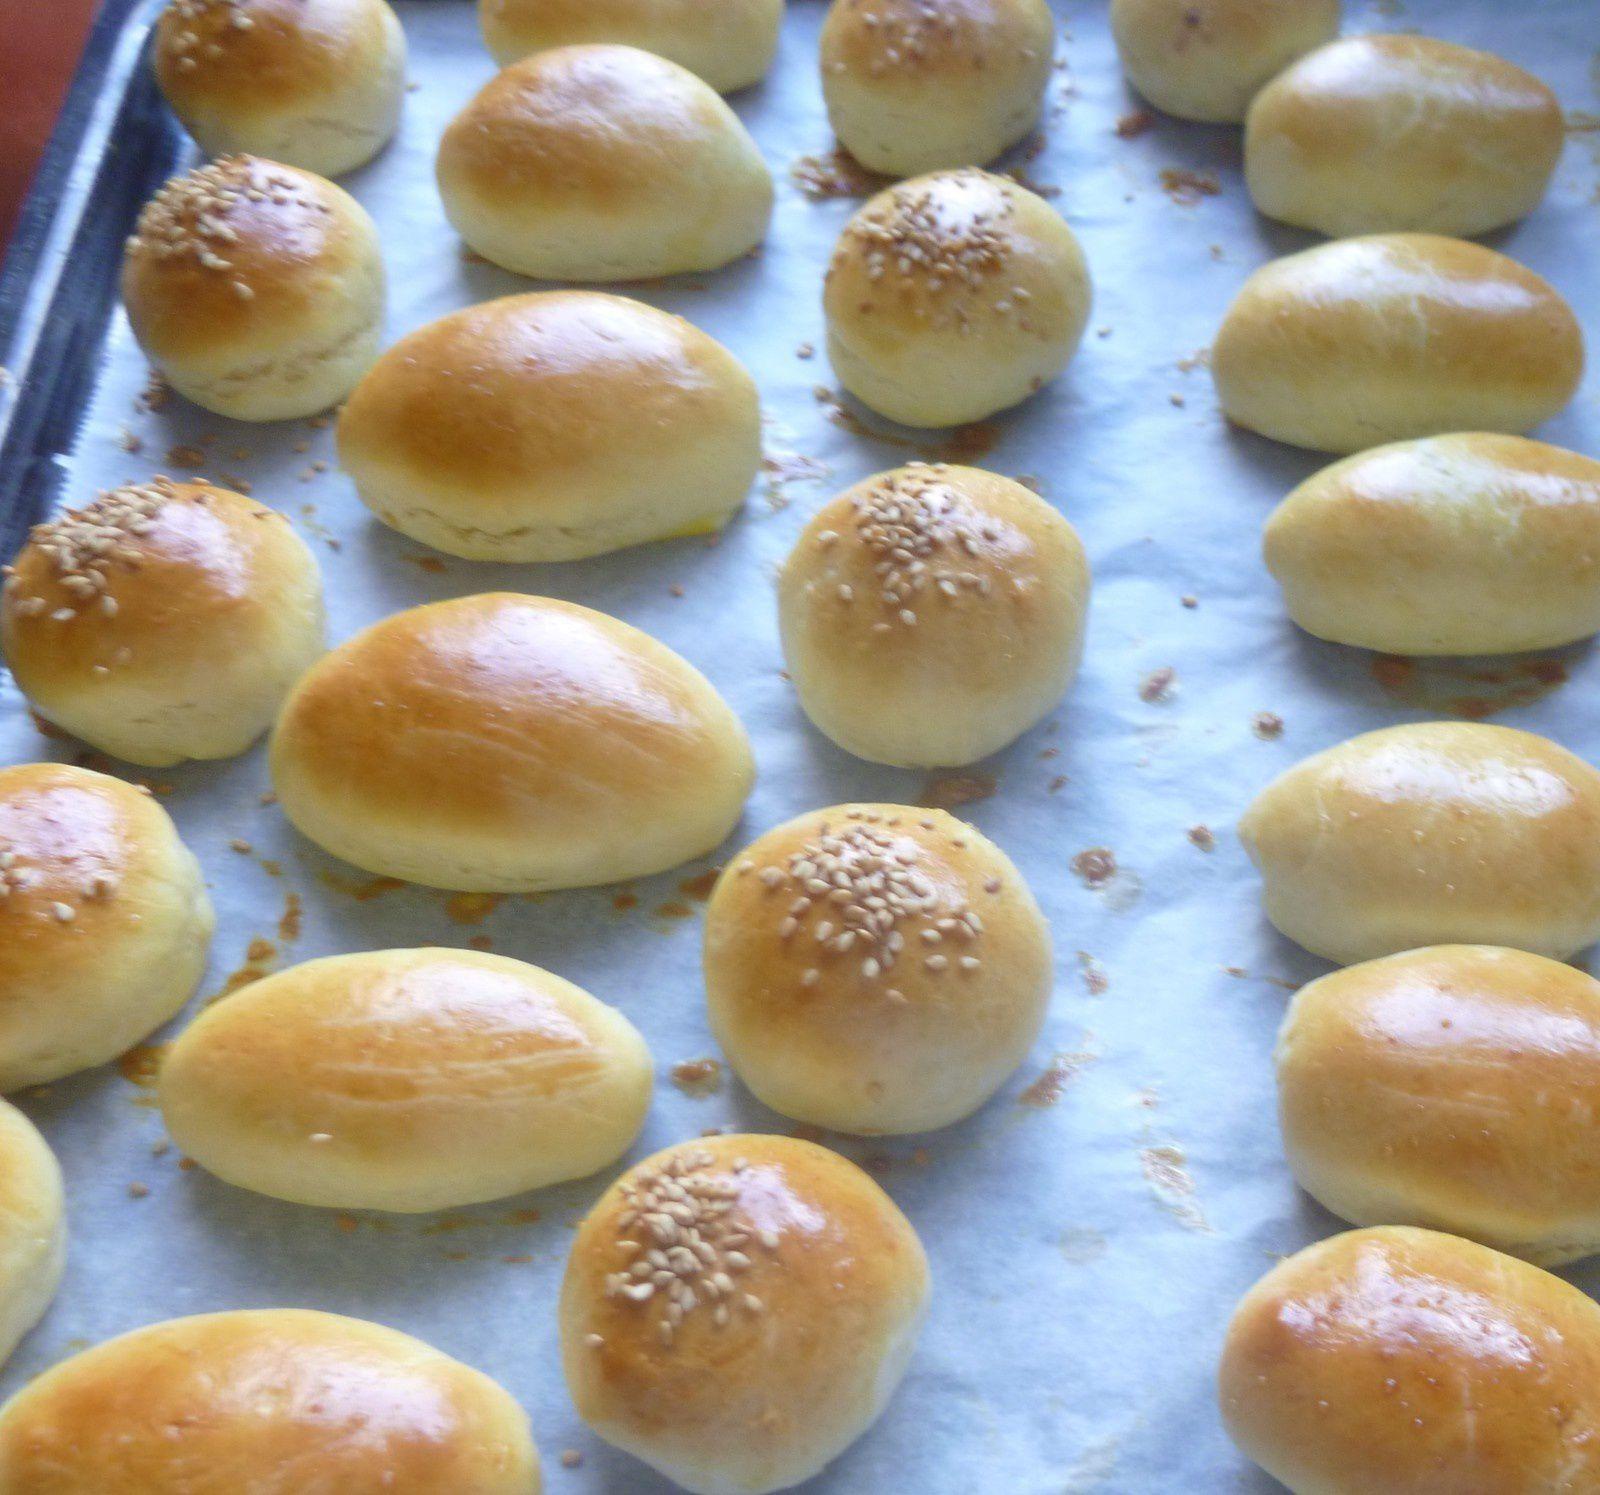 petites navettes ou façon mini-hamburgers pour apéro dinatoire